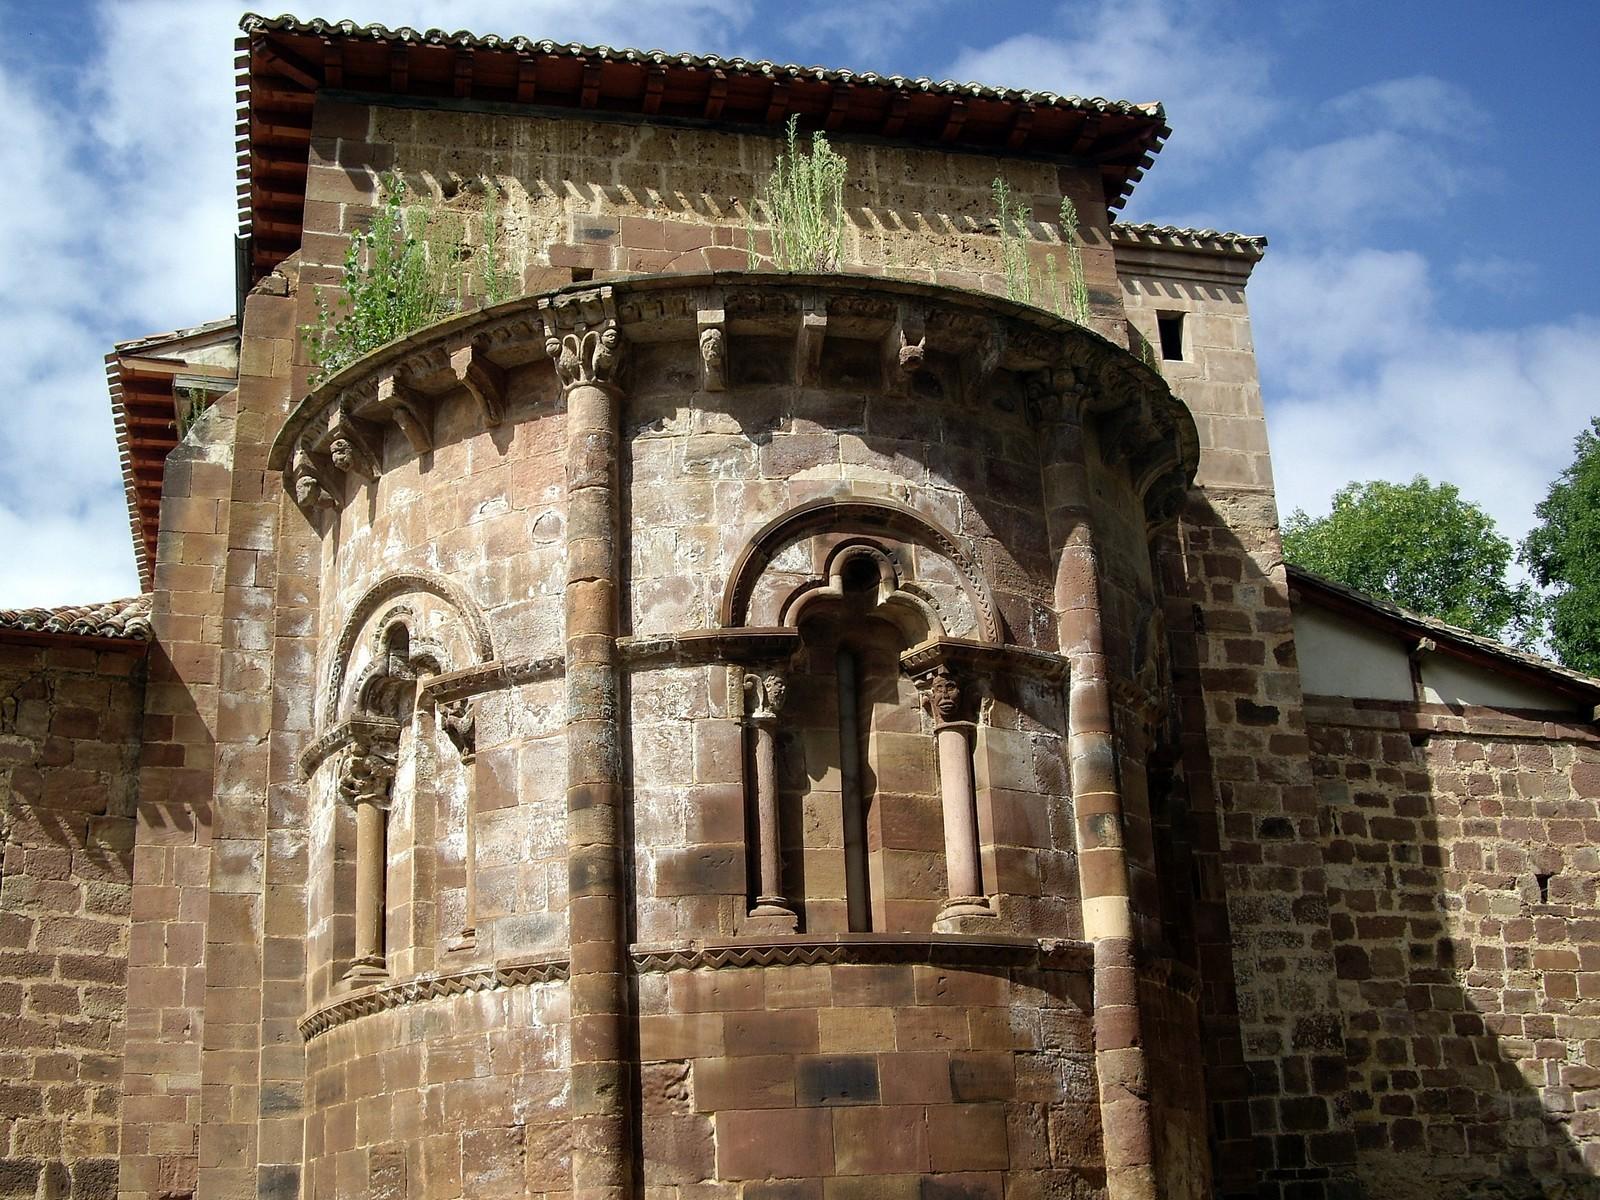 Aparición con Pruebas Concretas: Virgen de Tresfuentes, España (17 de agosto)